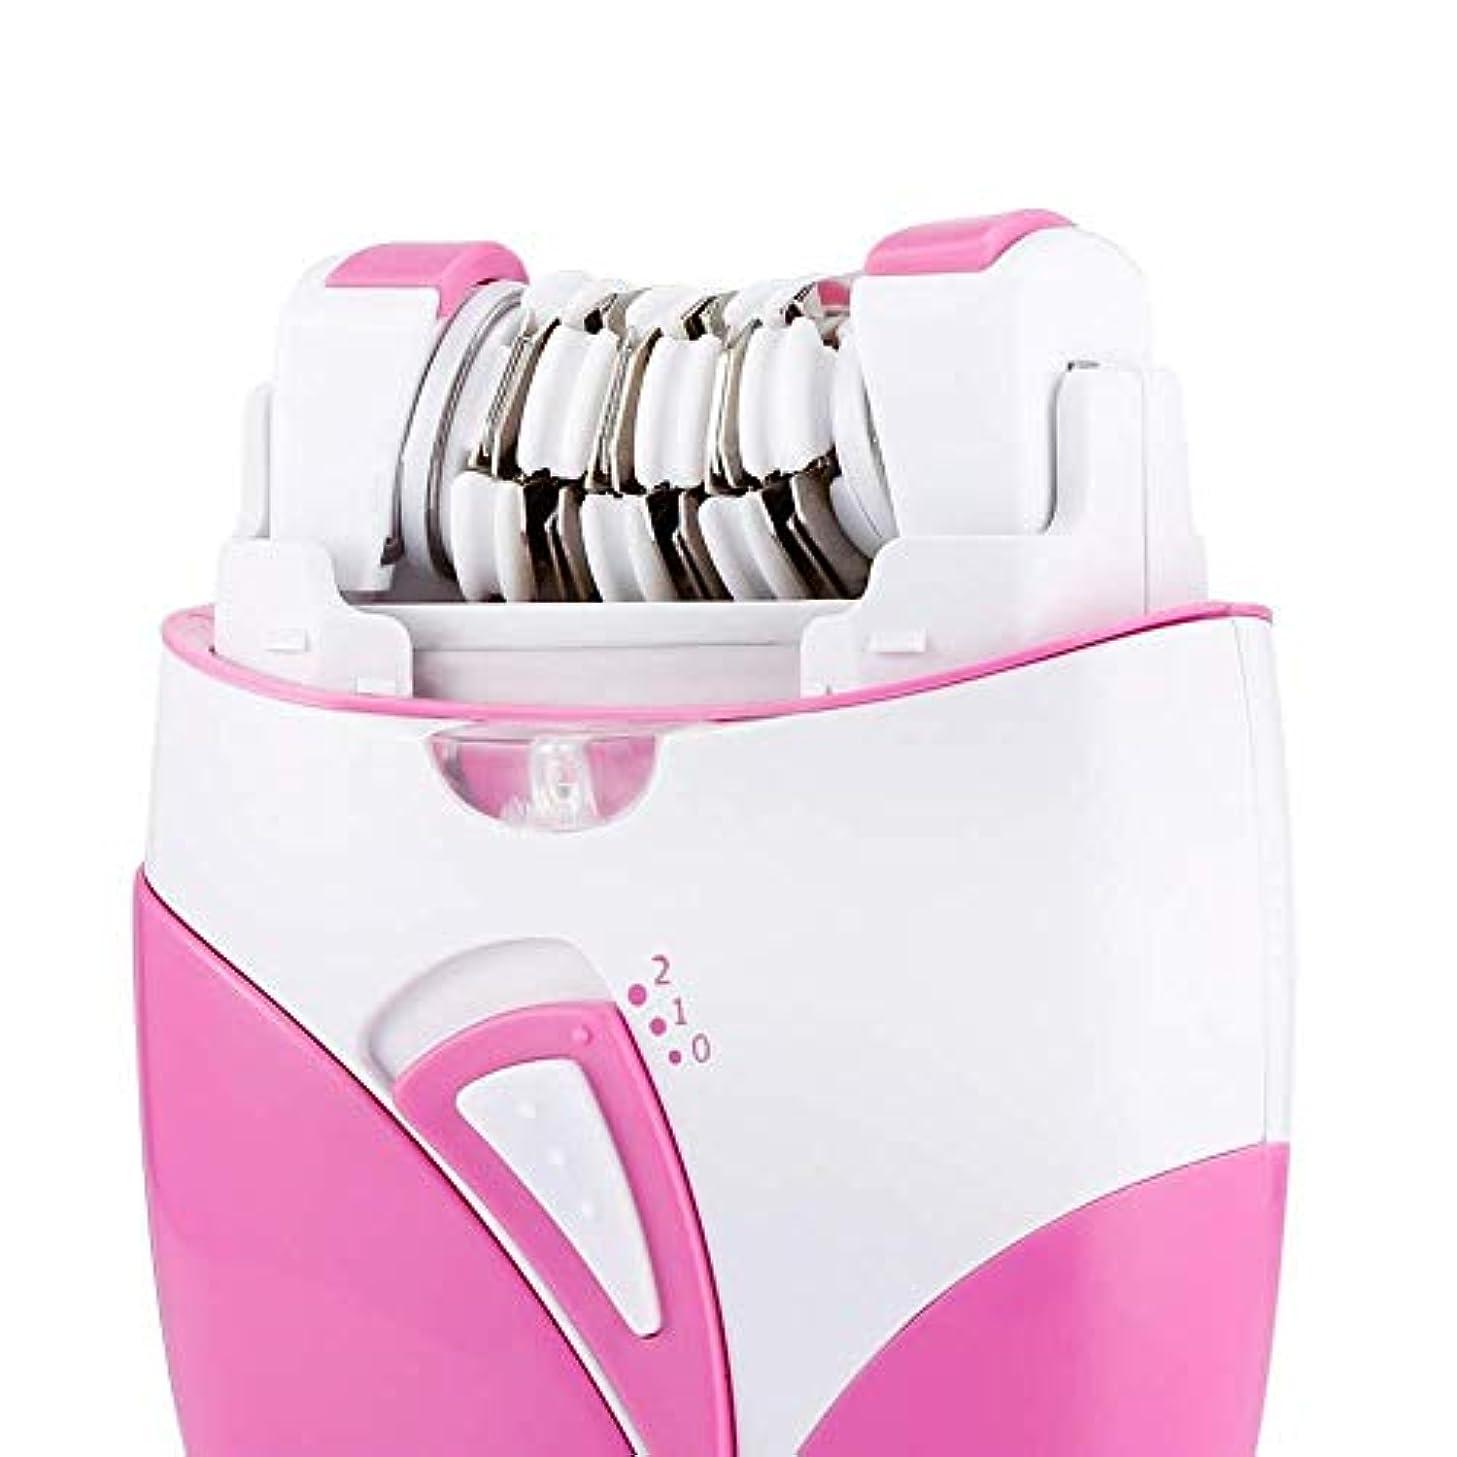 趣味ハンバーガービーチBBONE女性用脱毛器USB充電脱毛機コードレス電気充電式レディーシェービング照明付きライトビキニトリマーフェイシャルボディ脇の下脱毛器、ピンク、10.5 * 6.9cm、ピンク,Pink